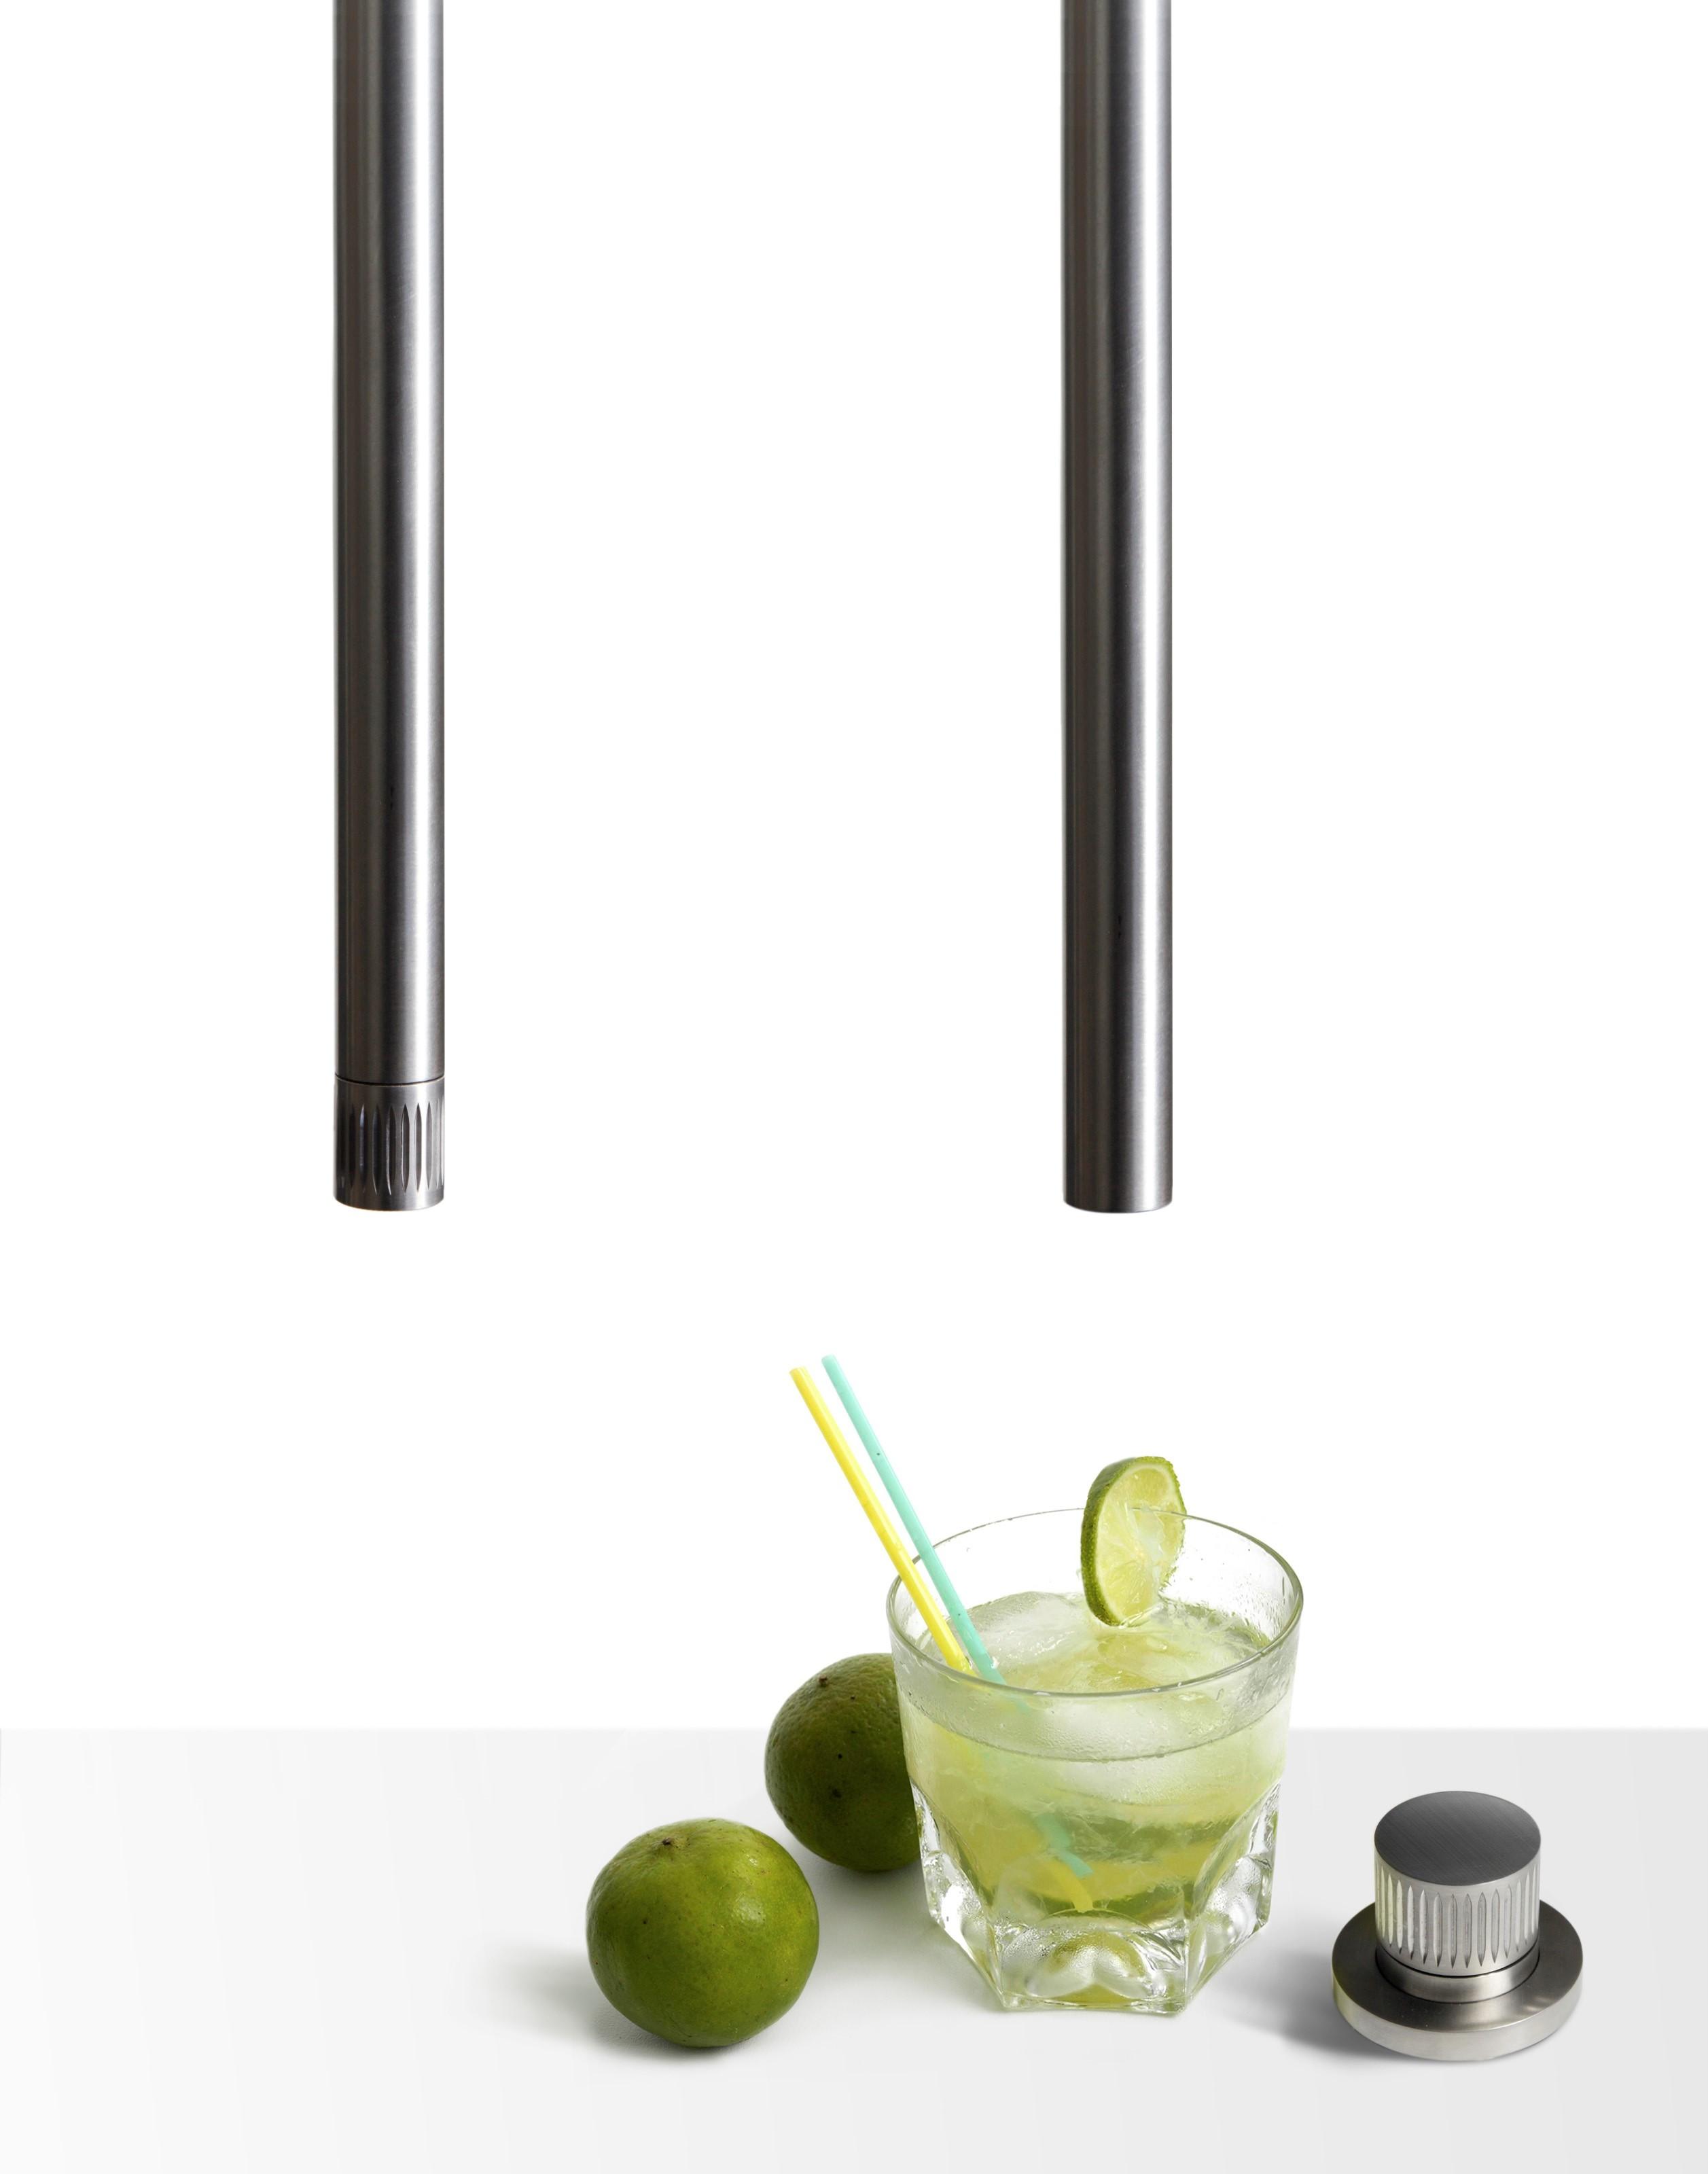 Design badkamerkraan hangkraan Time2020 van Bongio via Luca Sanitair